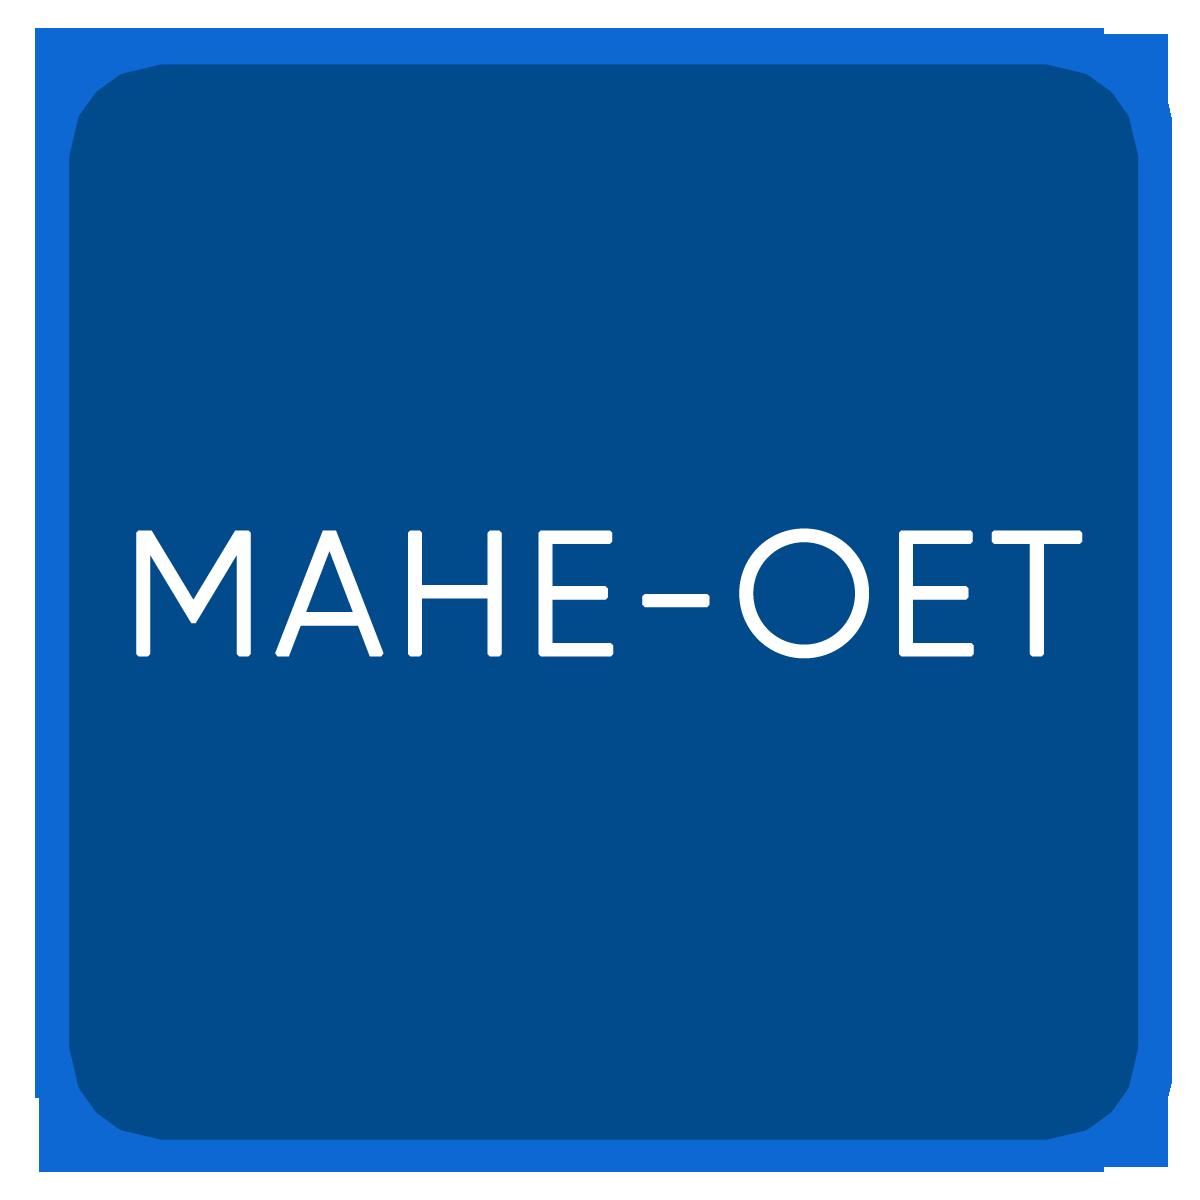 MAHE-OET